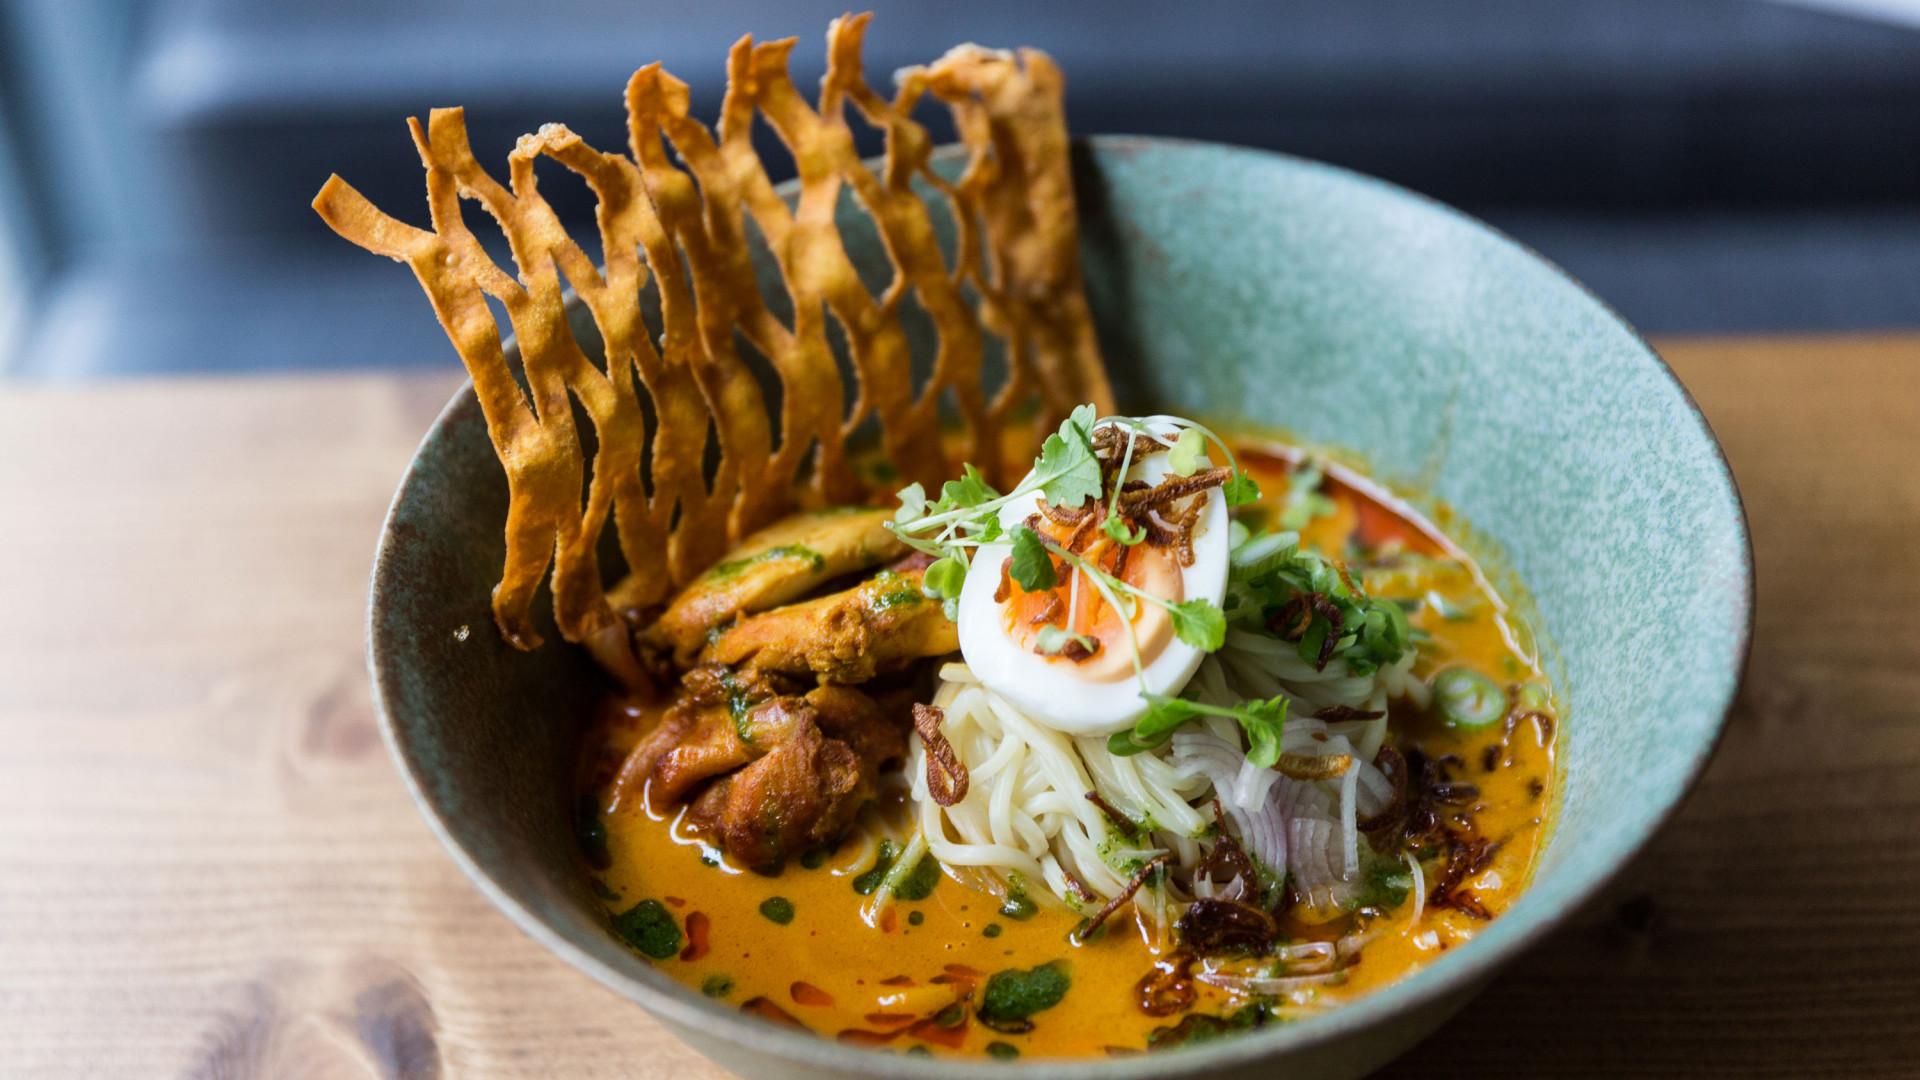 Coconut noodles from Laphet